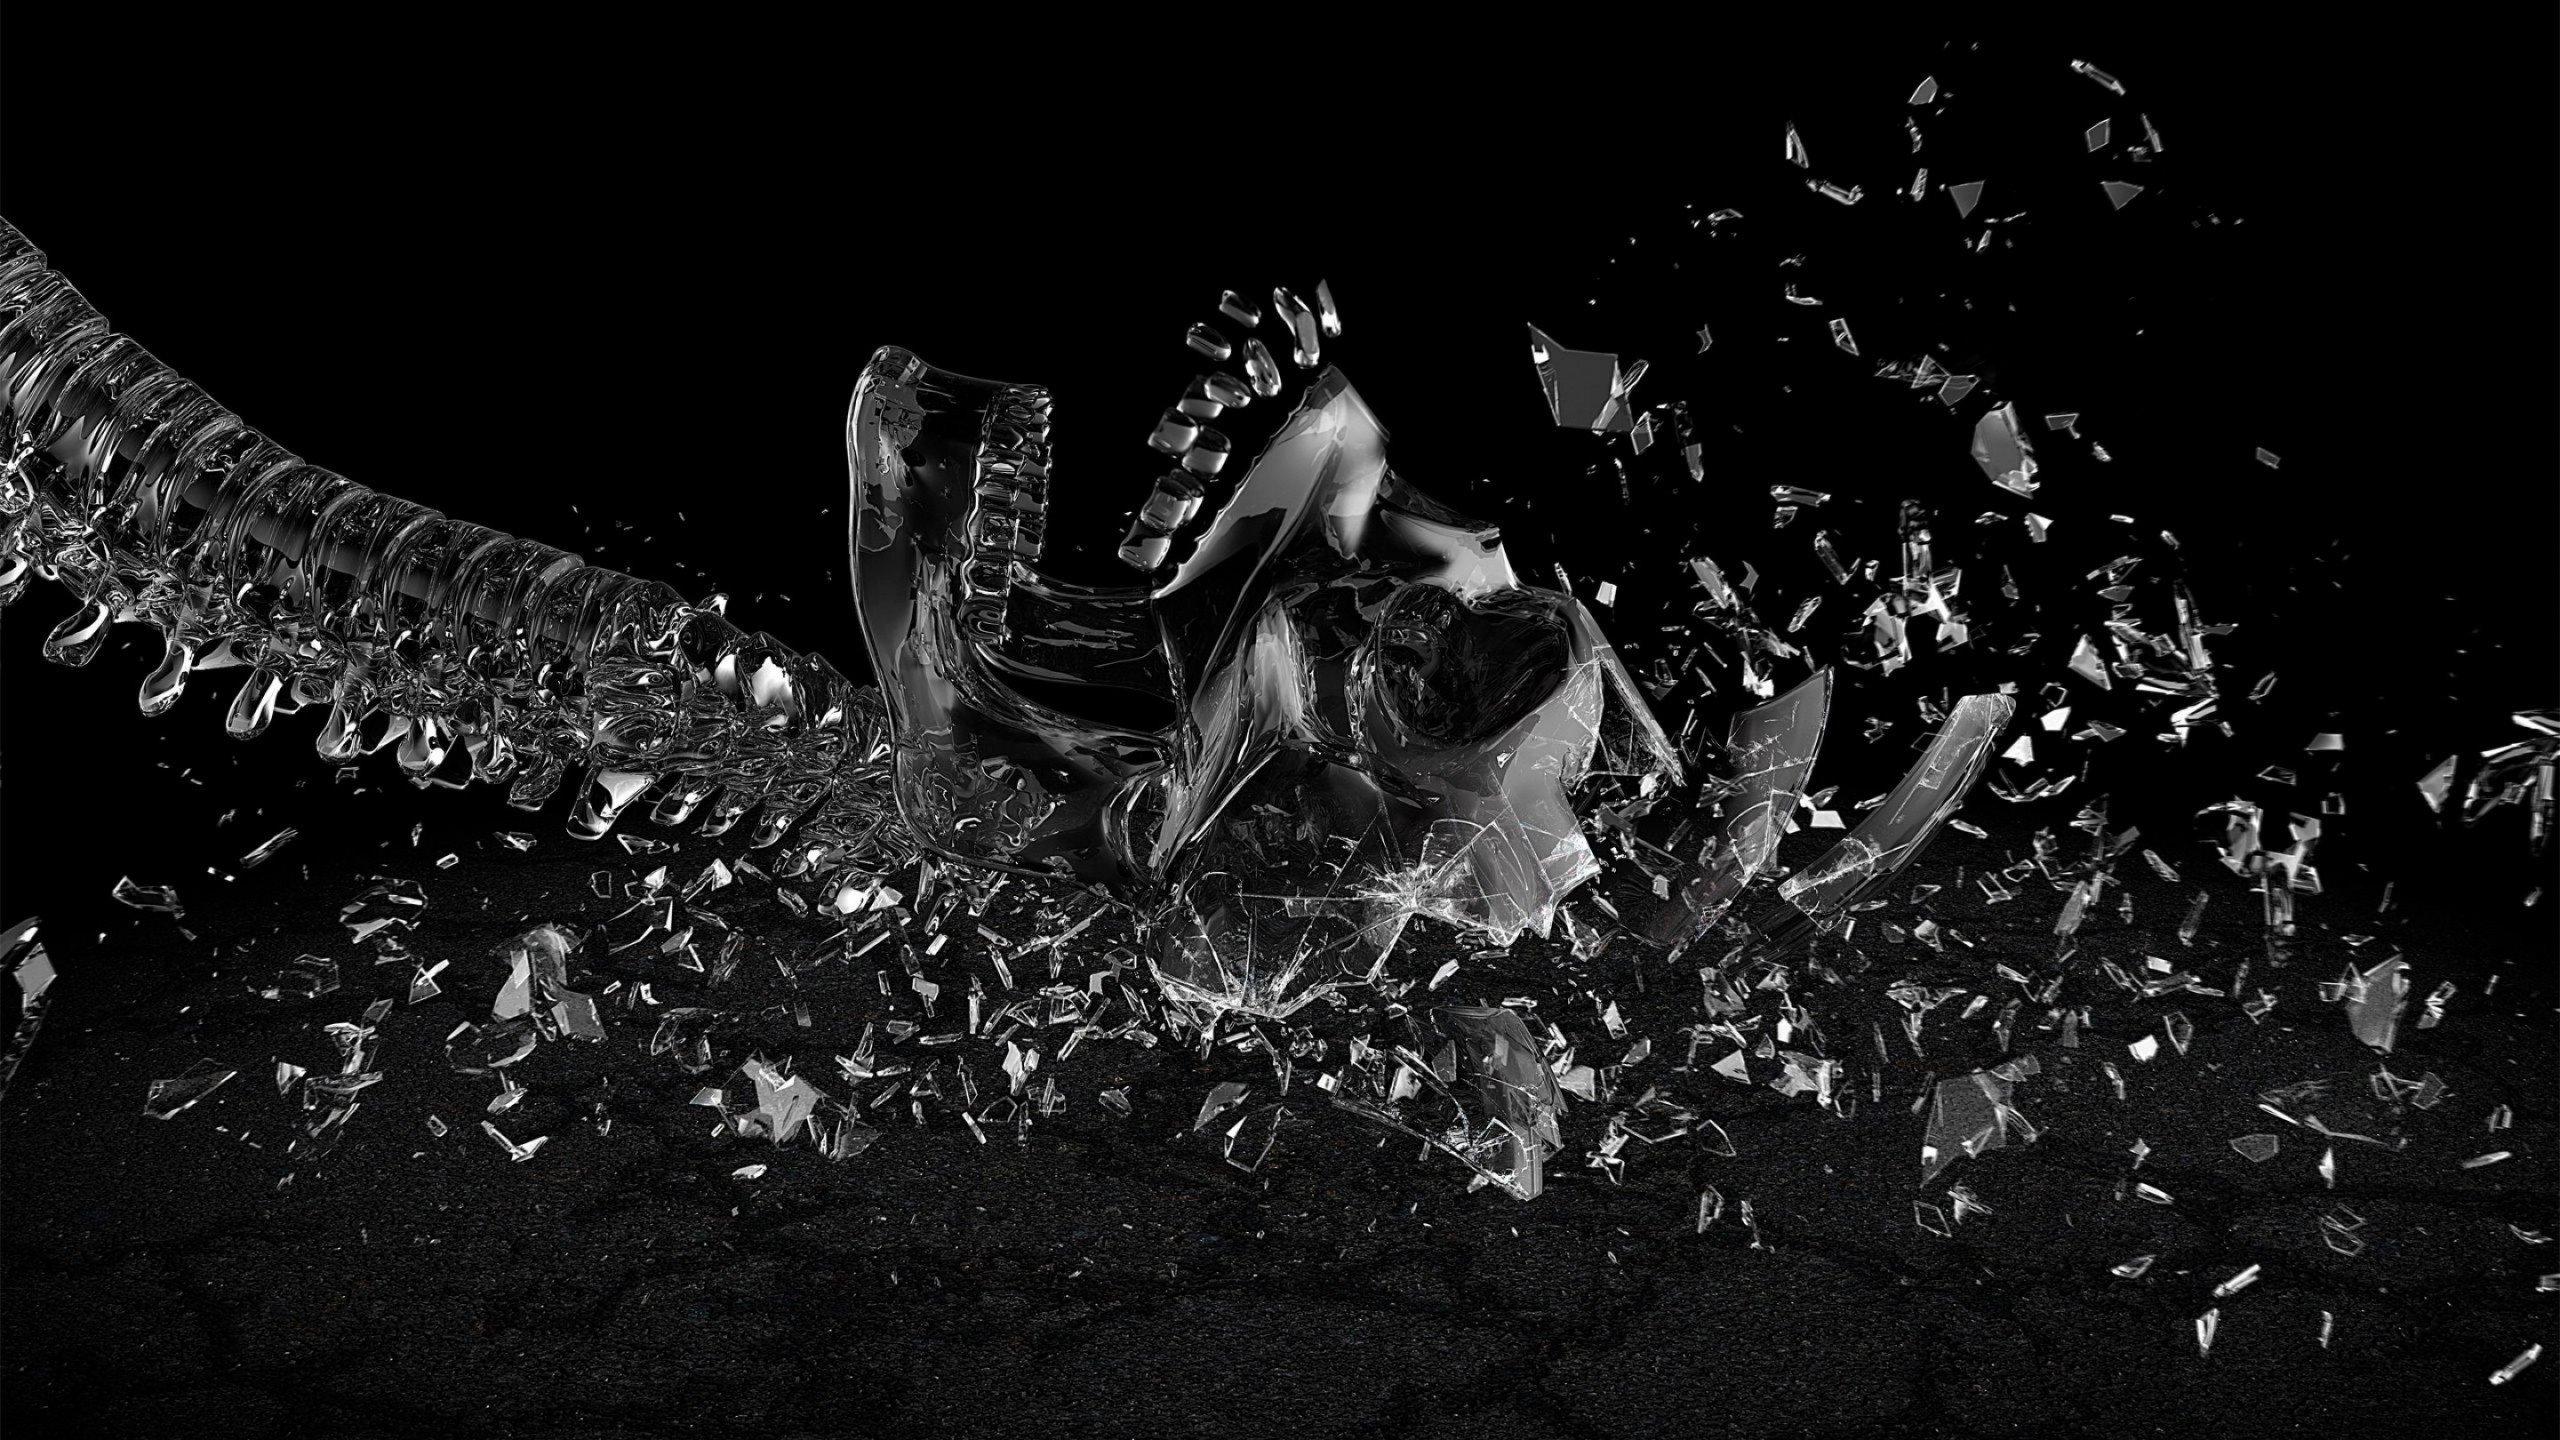 3d gebroken glas achtergrond HD wallpapers Gratis achtergronden 2560x1440